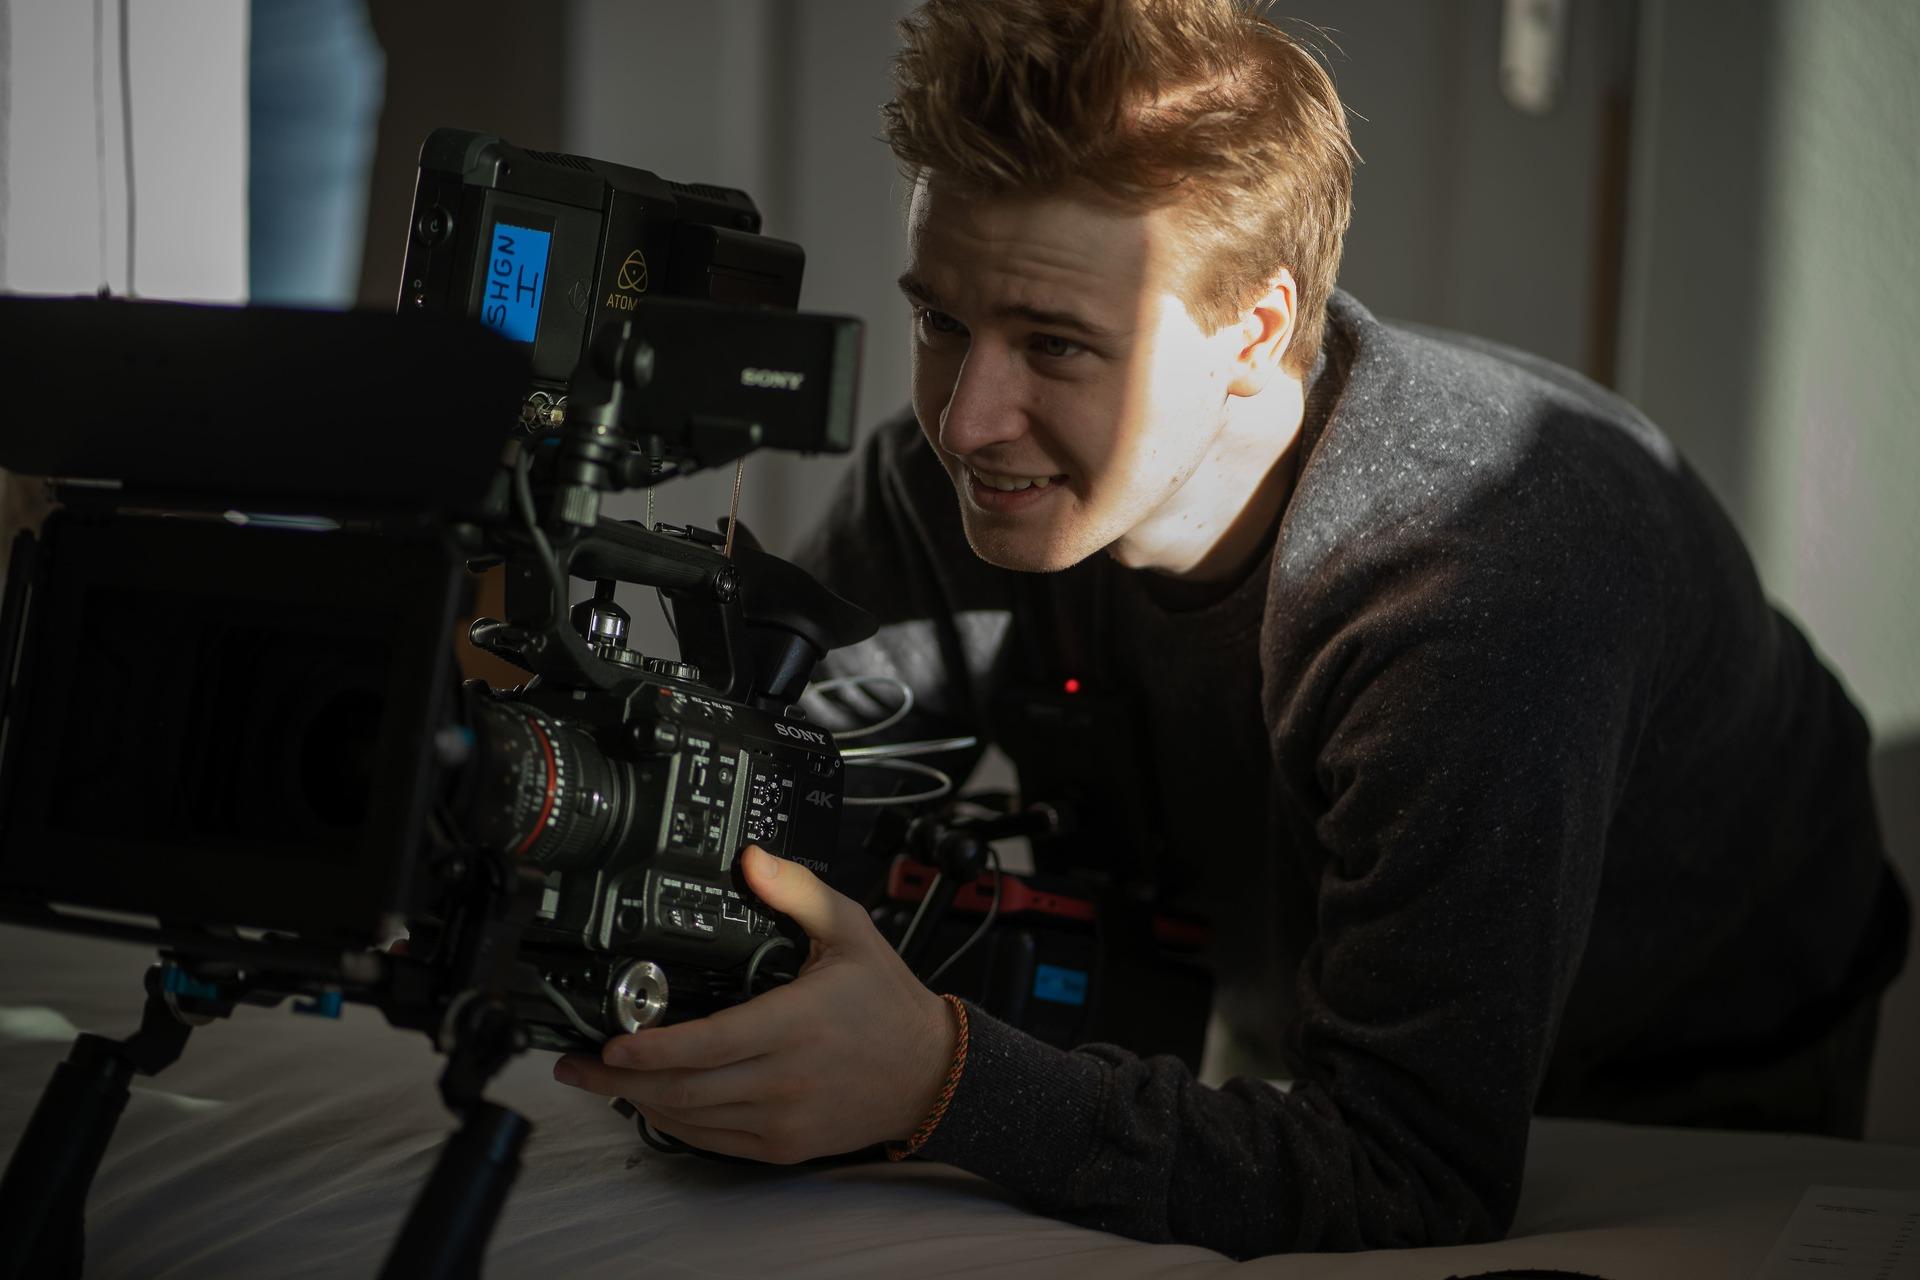 kameramann richtet kamera ein für nächste szene